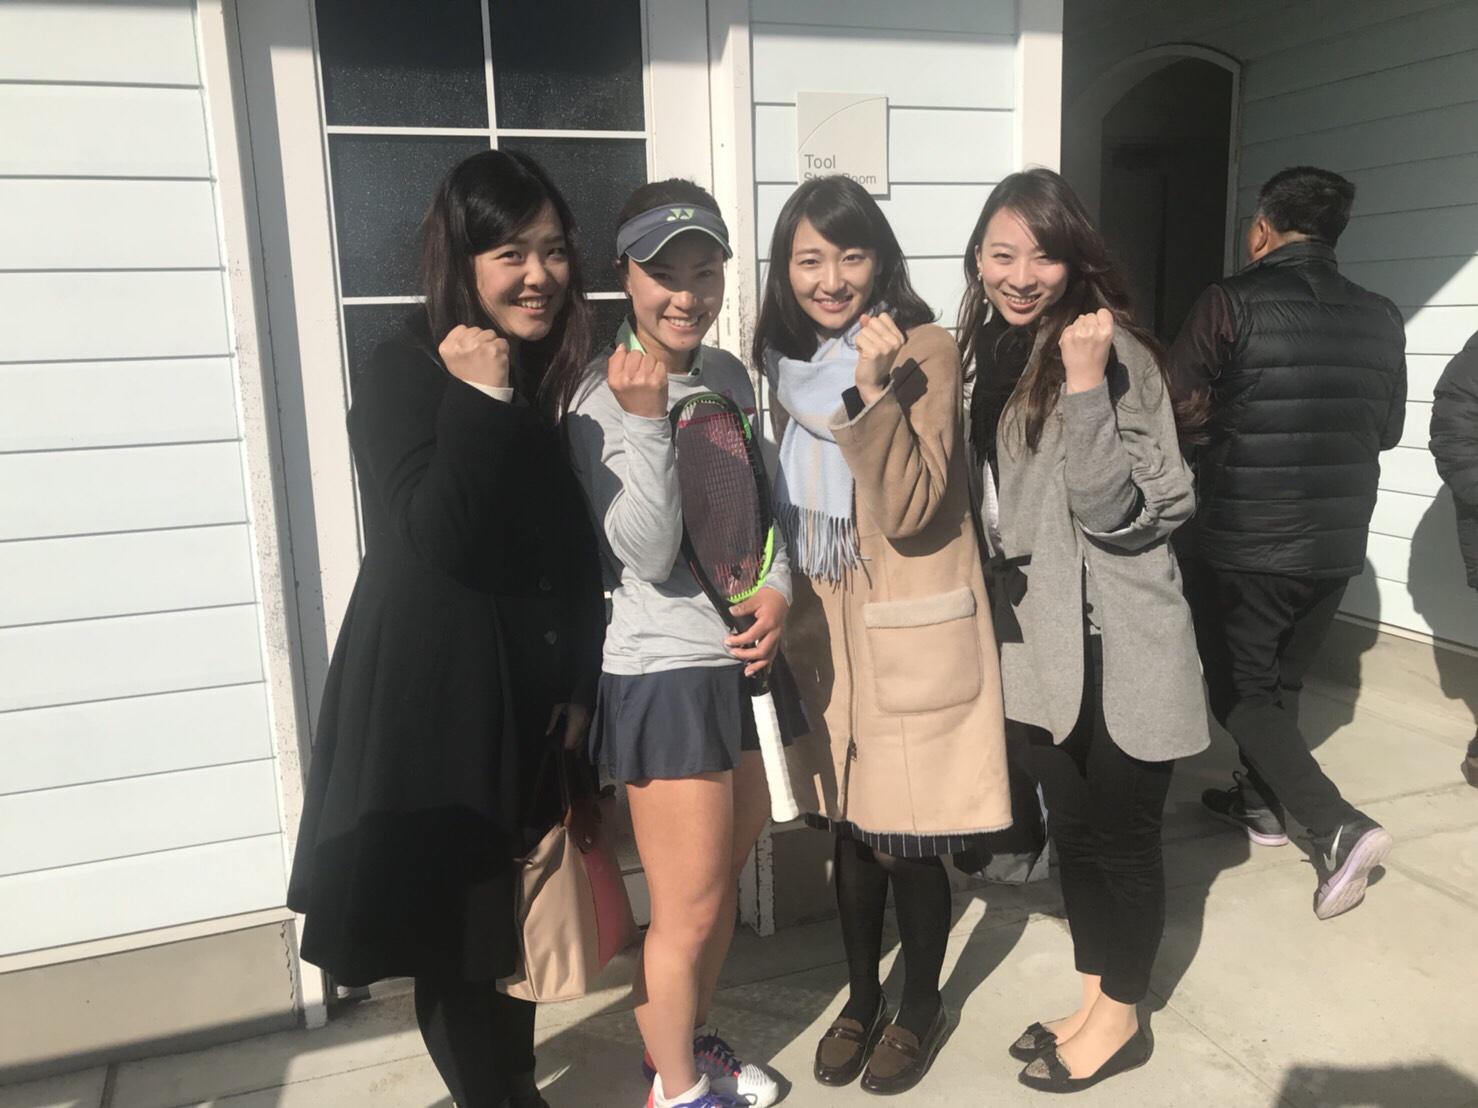 豊田day4【プロテニスプレイヤー井上雅オフィシャルブログ -miyabiemみやびーむ-】